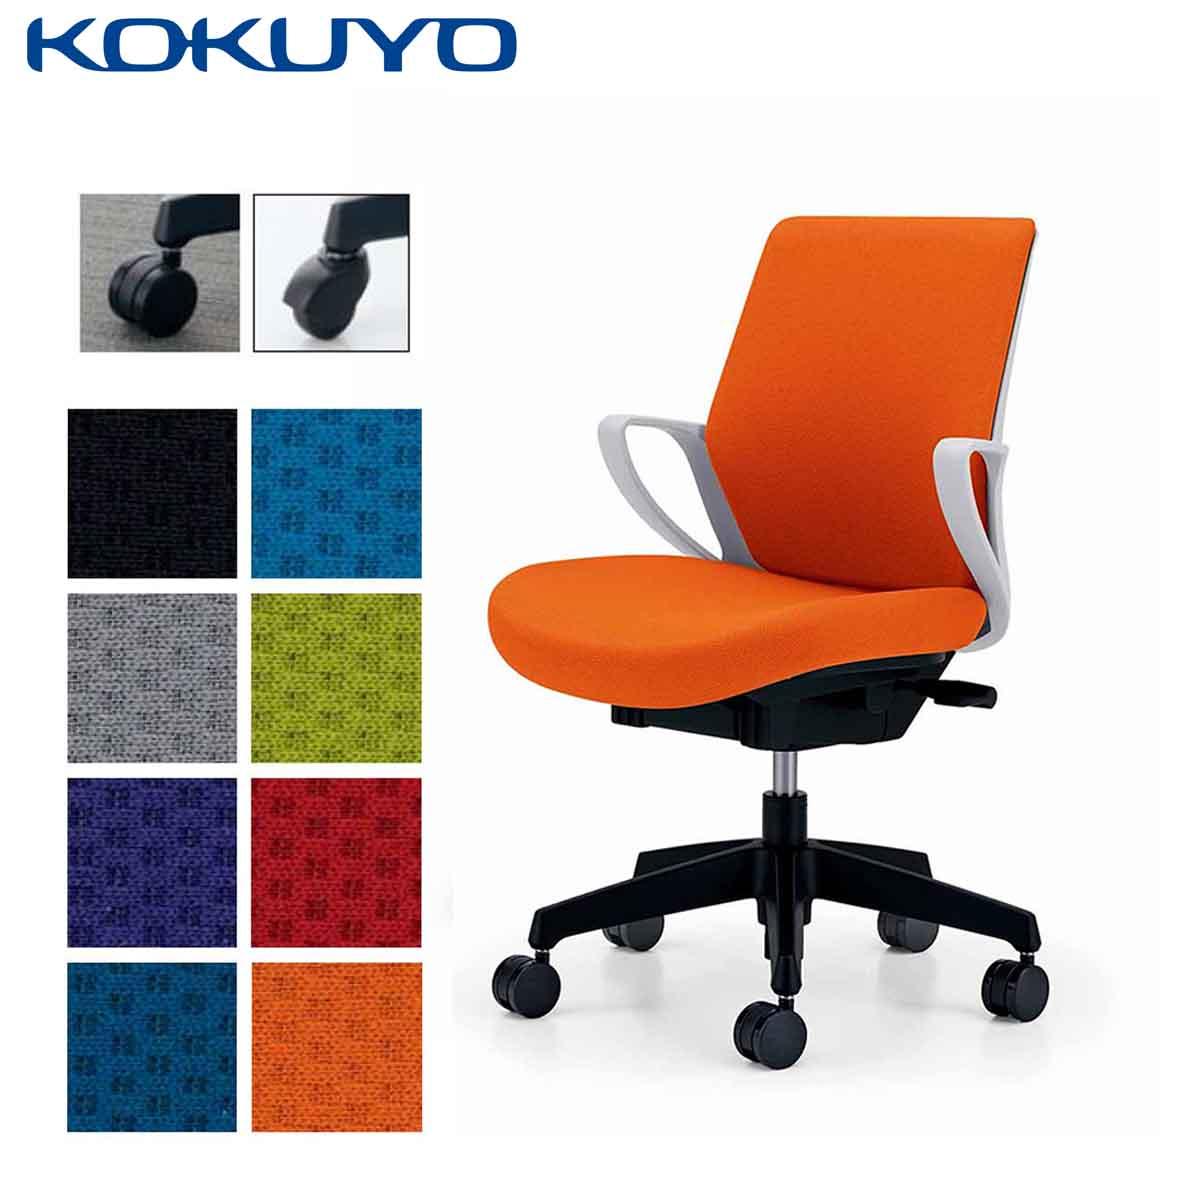 ラクラク納品 コンパクトなのに 心地の良い省スペースチェア コクヨ デスクチェア オフィスチェア 椅子 ピコラ 布 新品未使用正規品 CR-G530E1 ホワイトシェル ローバック カーペット用キャスター 2020春夏新作 -w picora